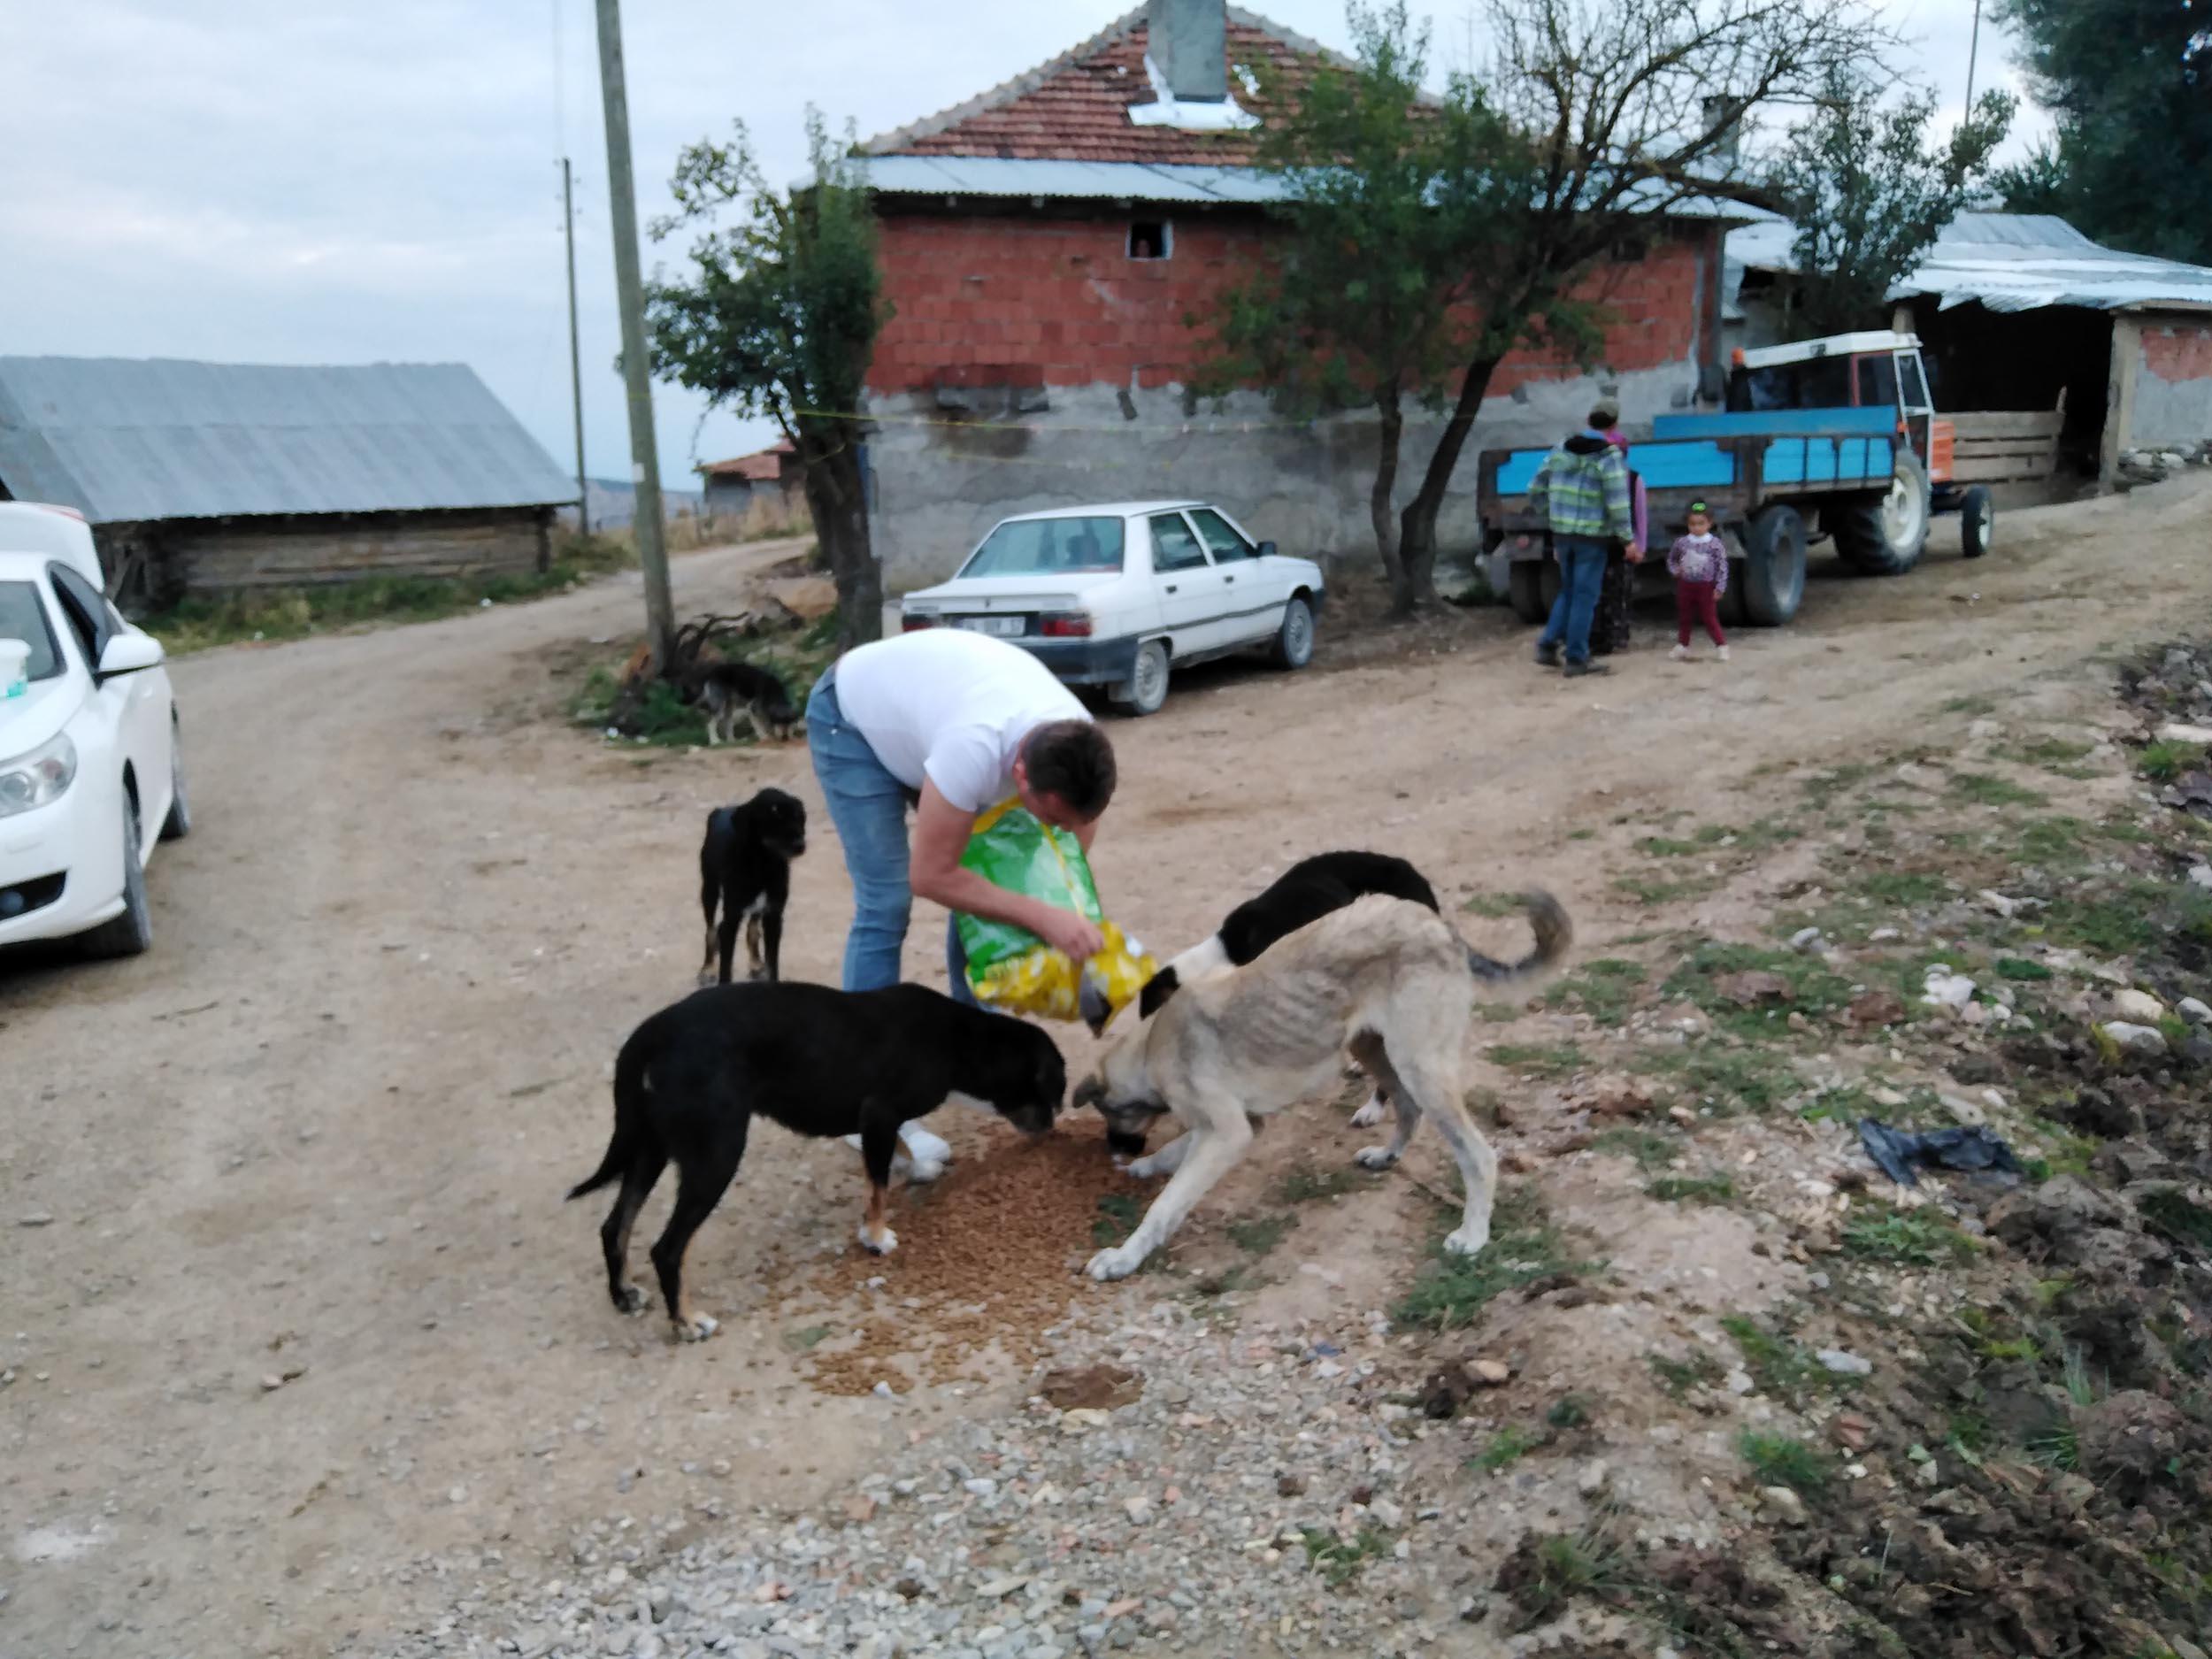 Emirli yaylasına terk edilen köpekler için yardım çağrısı